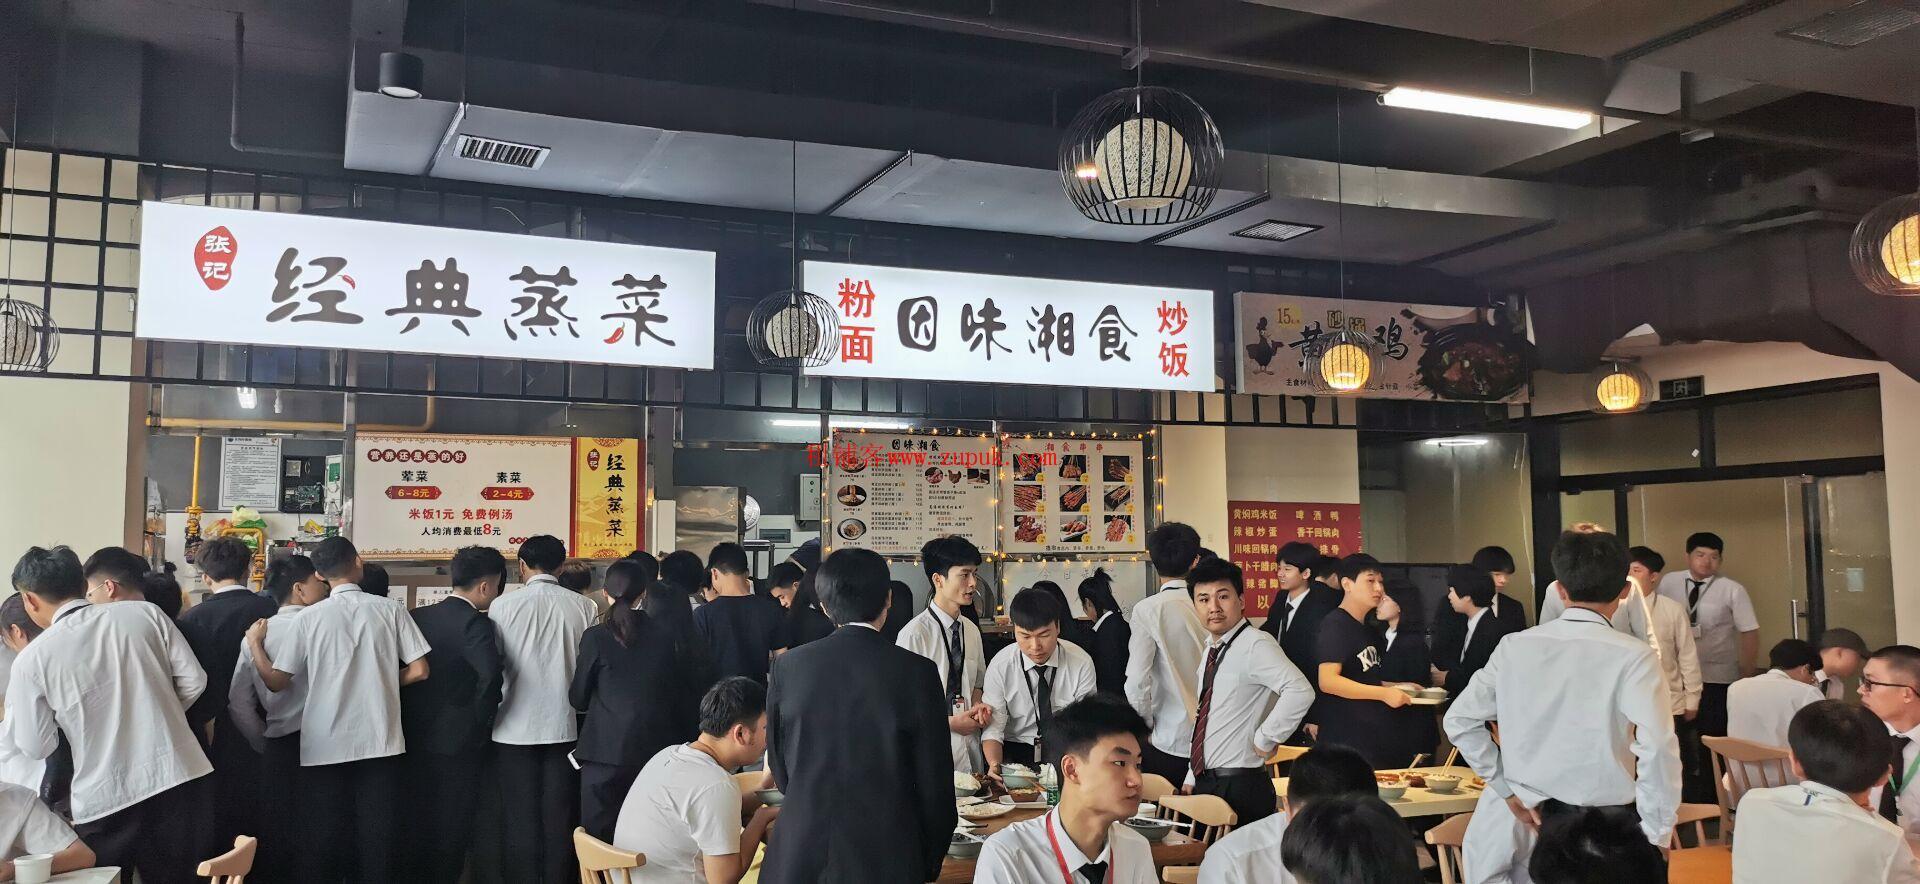 (老板本人)北大青鸟大学食堂 学生客流 可做粉面炒饭小吃